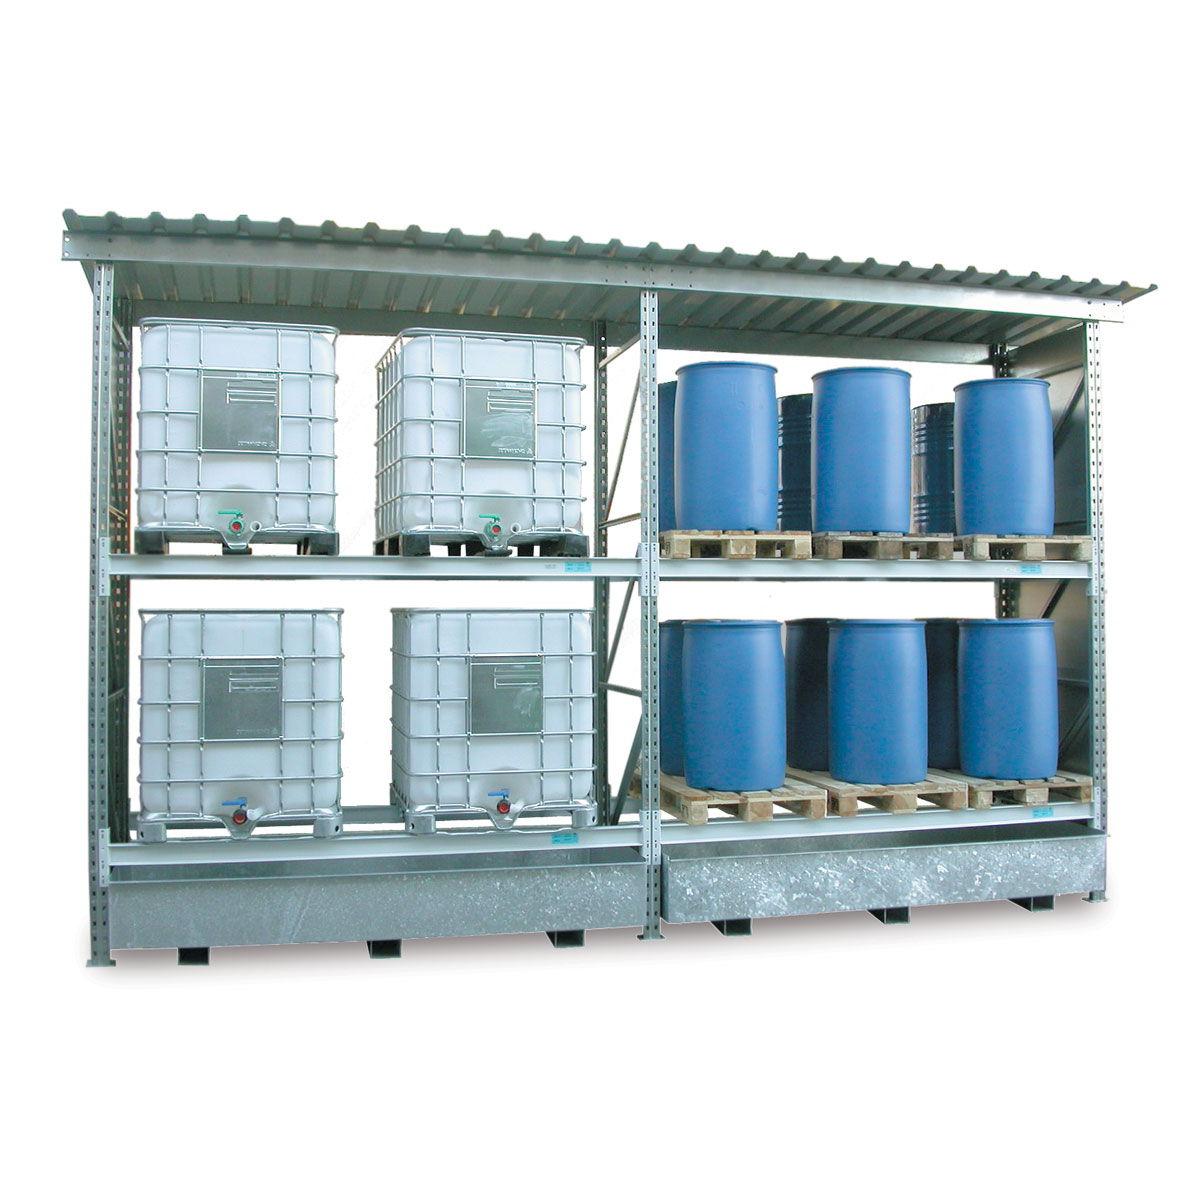 Estanter as para el almacenamiento exterior de palets - Estanterias para palets ...